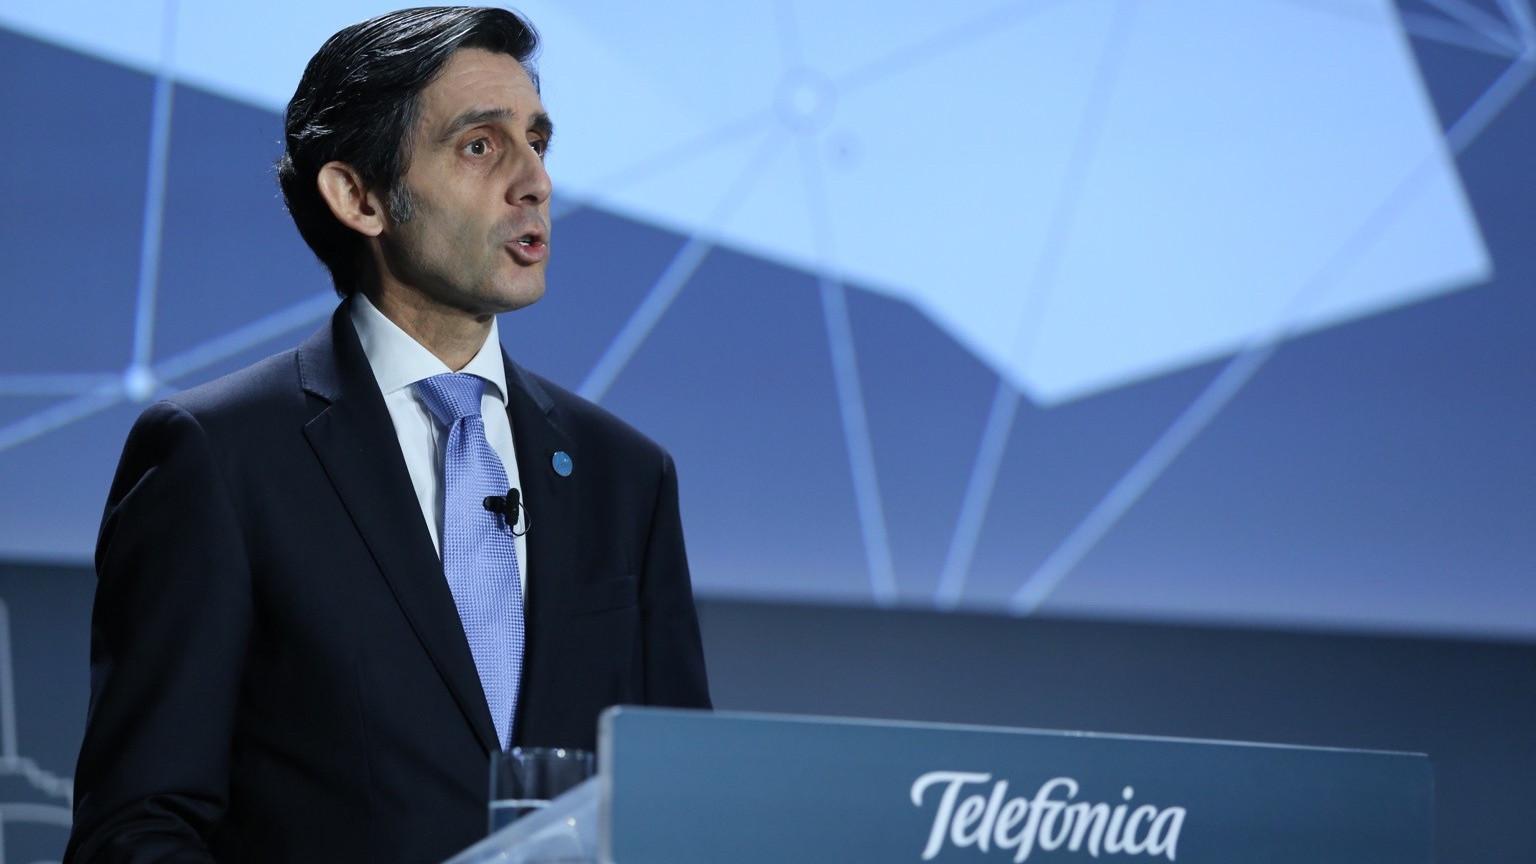 Telefónica incrementa el beneficio un 38,5% y recorta ingresos un 11% durante la covid-19